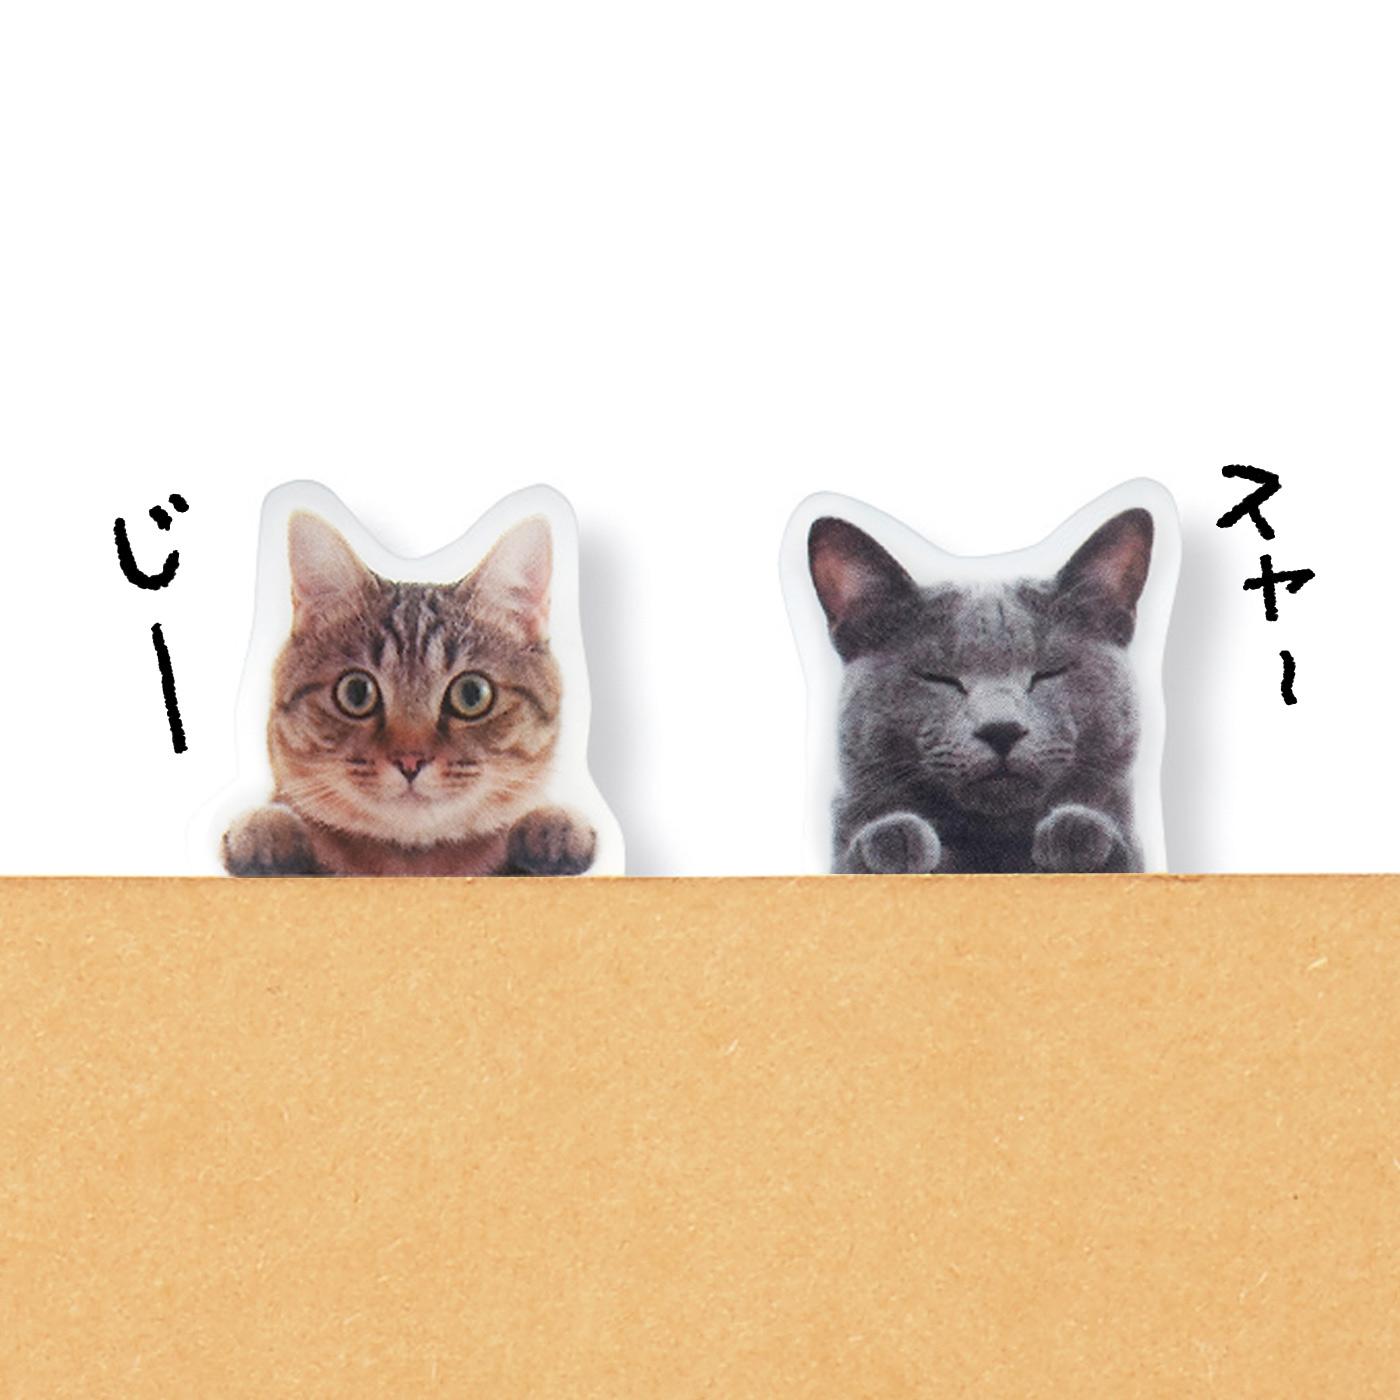 のぞき猫 視線の主はココ! 上からものぞきます。